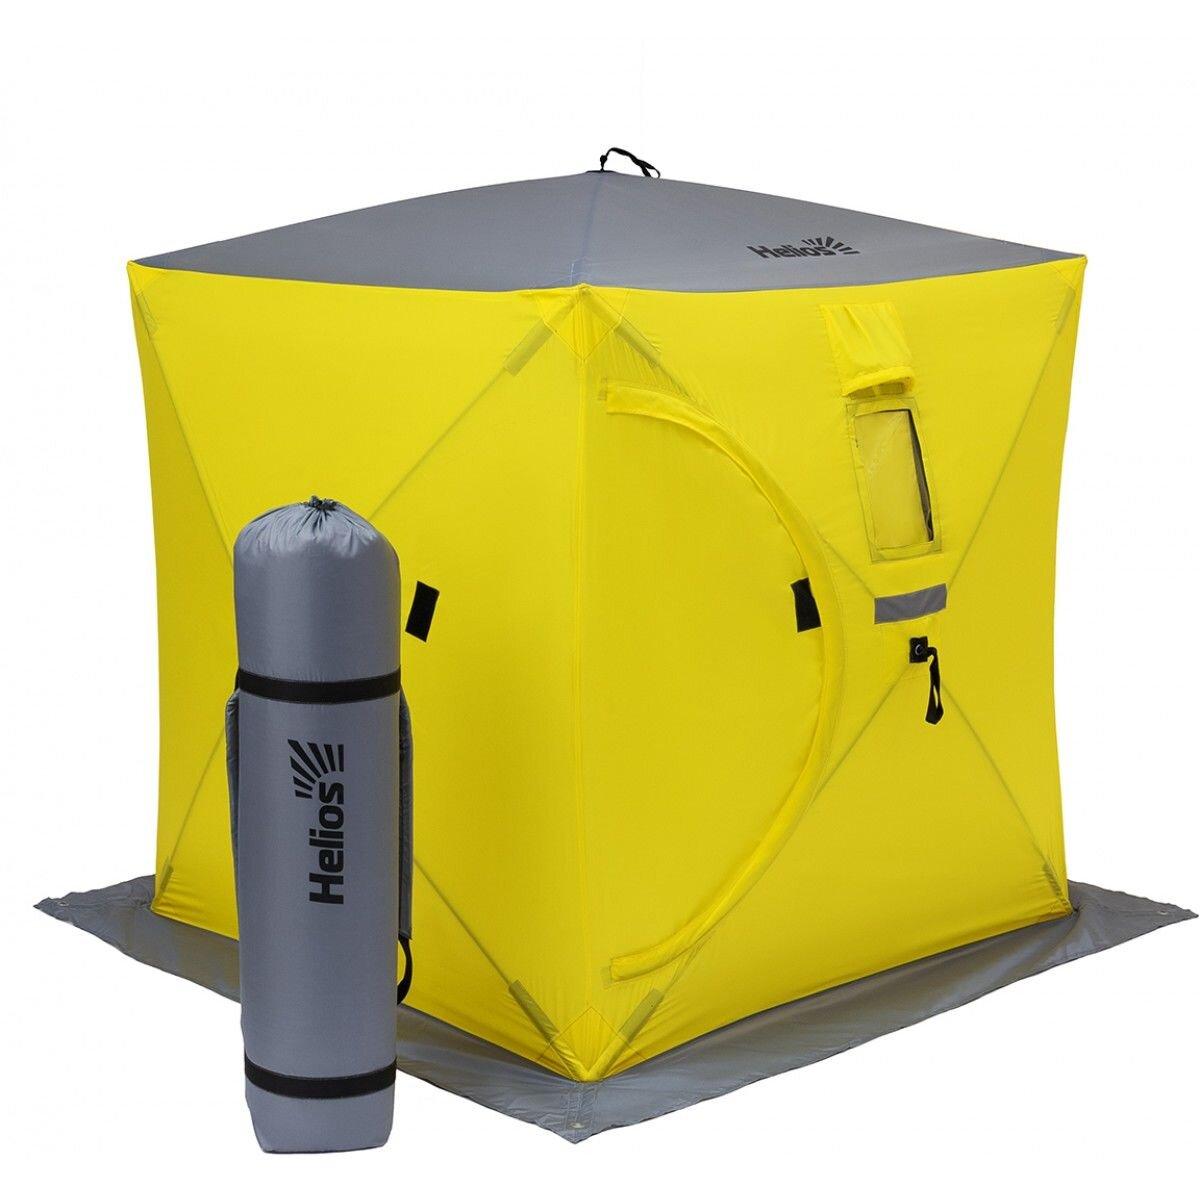 Палатка куб 1,8х1,8 (4желтый/1серый)